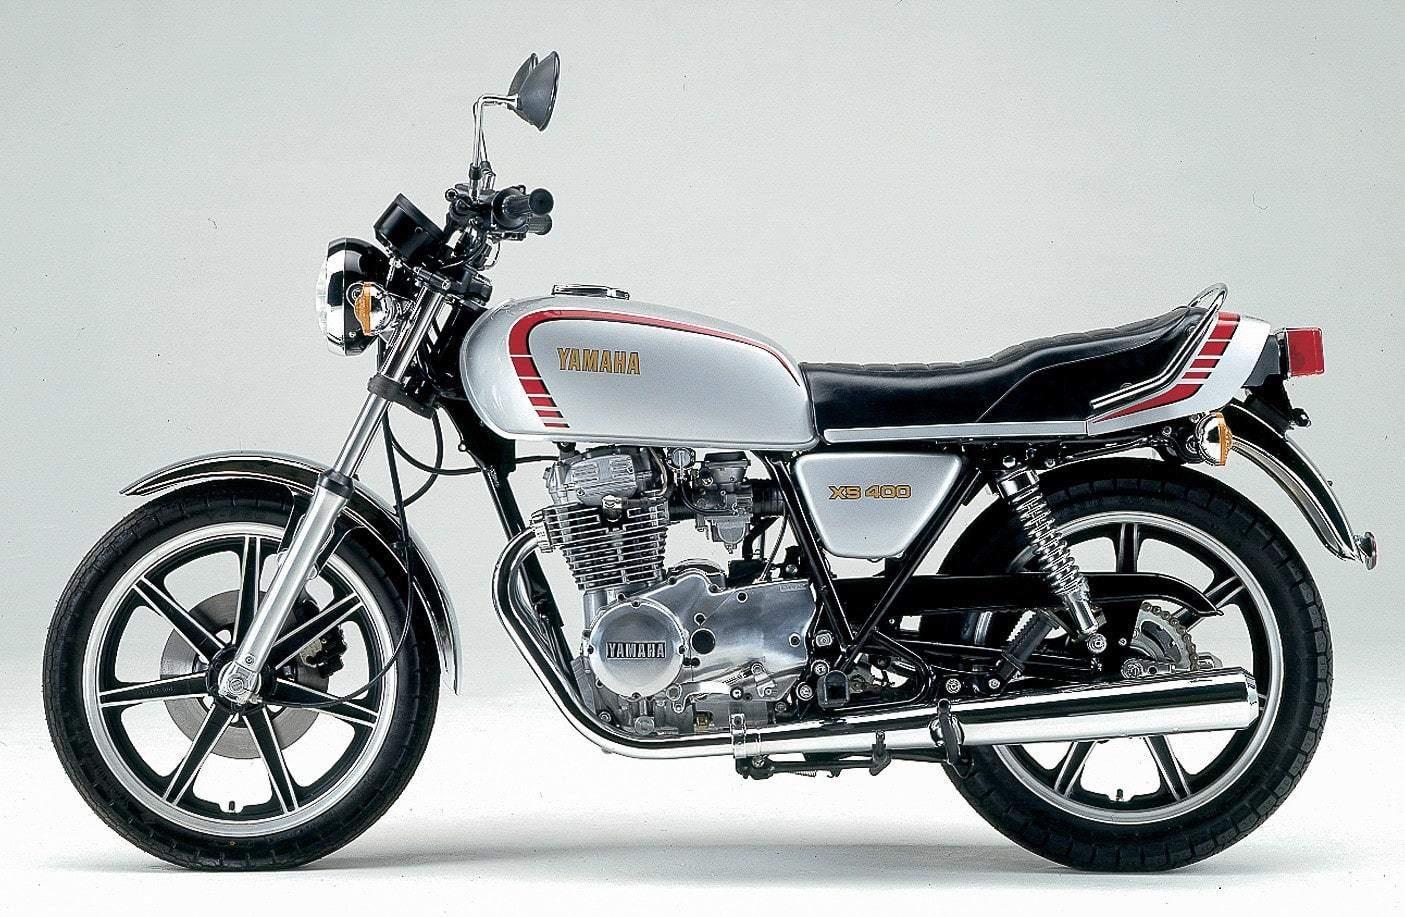 1984 Yamaha XS 400 DOHC Photos, Informations, Articles